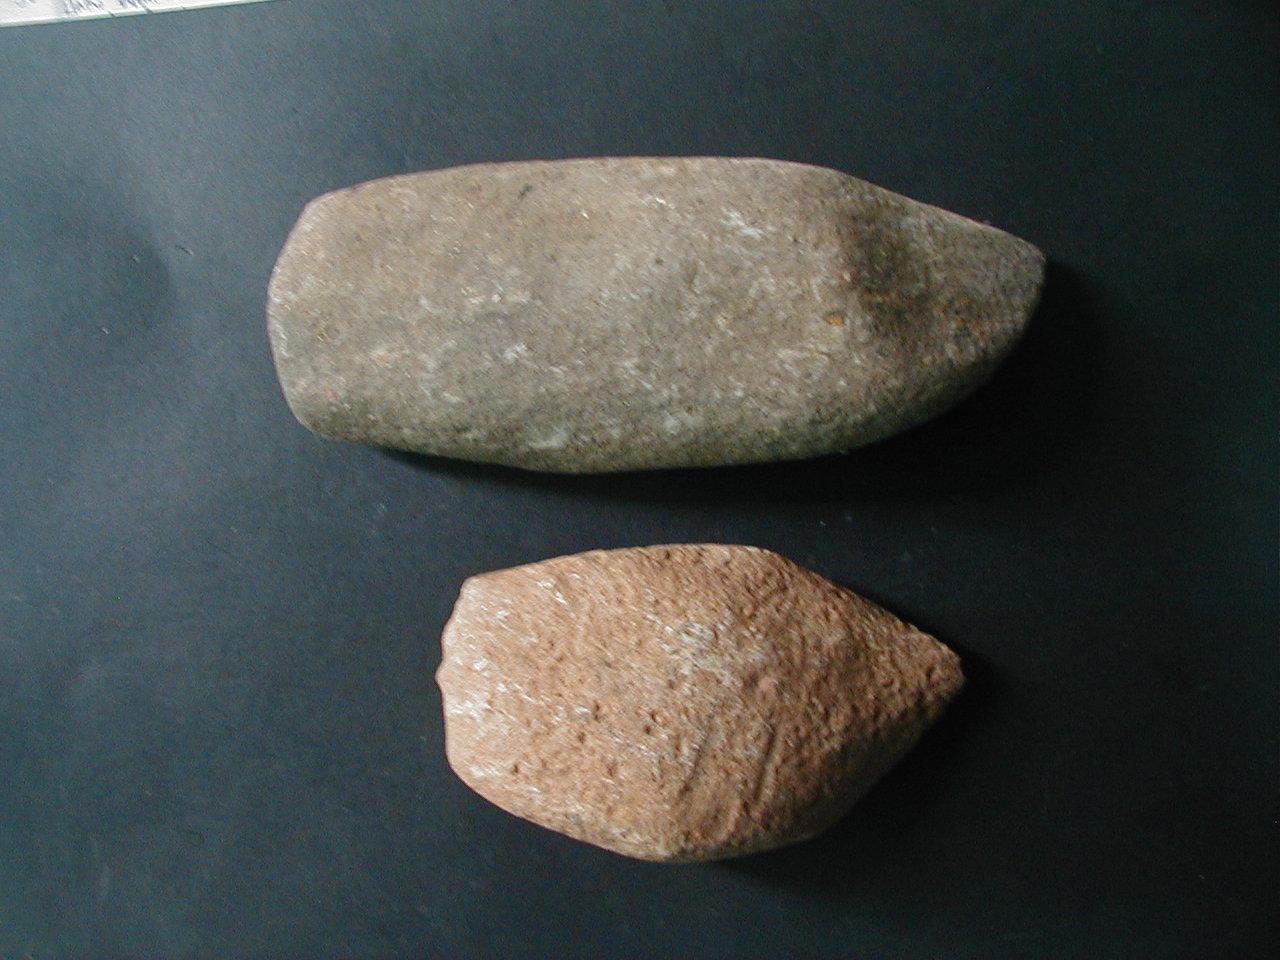 Piedra dona biconica herramientas para golpear cincelar - Herramientas para piedra ...